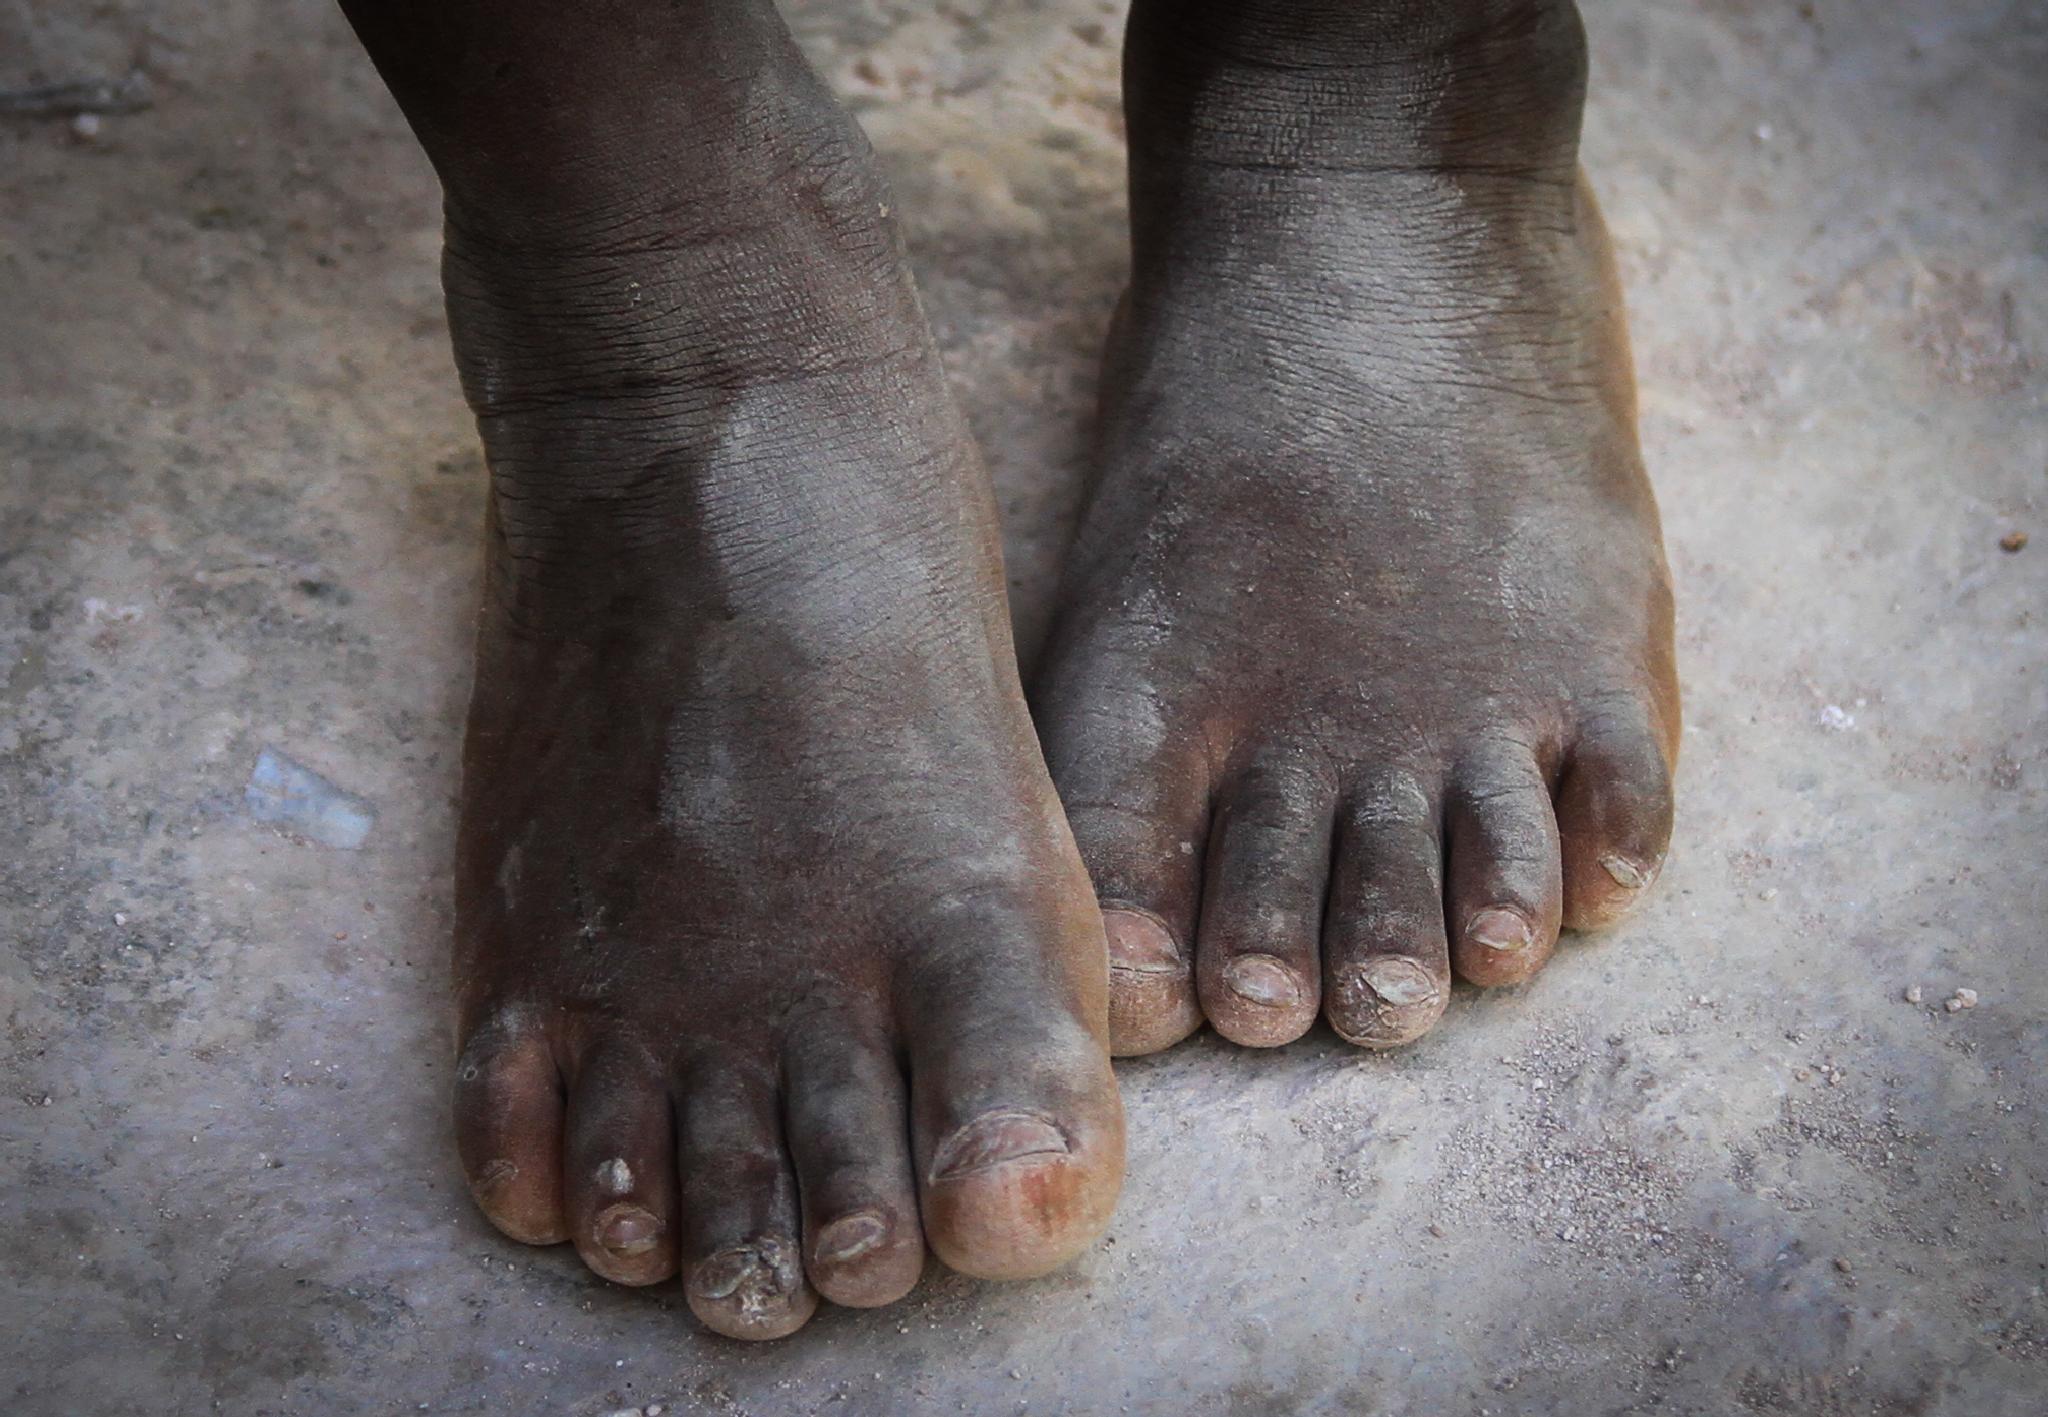 Haitian Feet by phil.niekerk